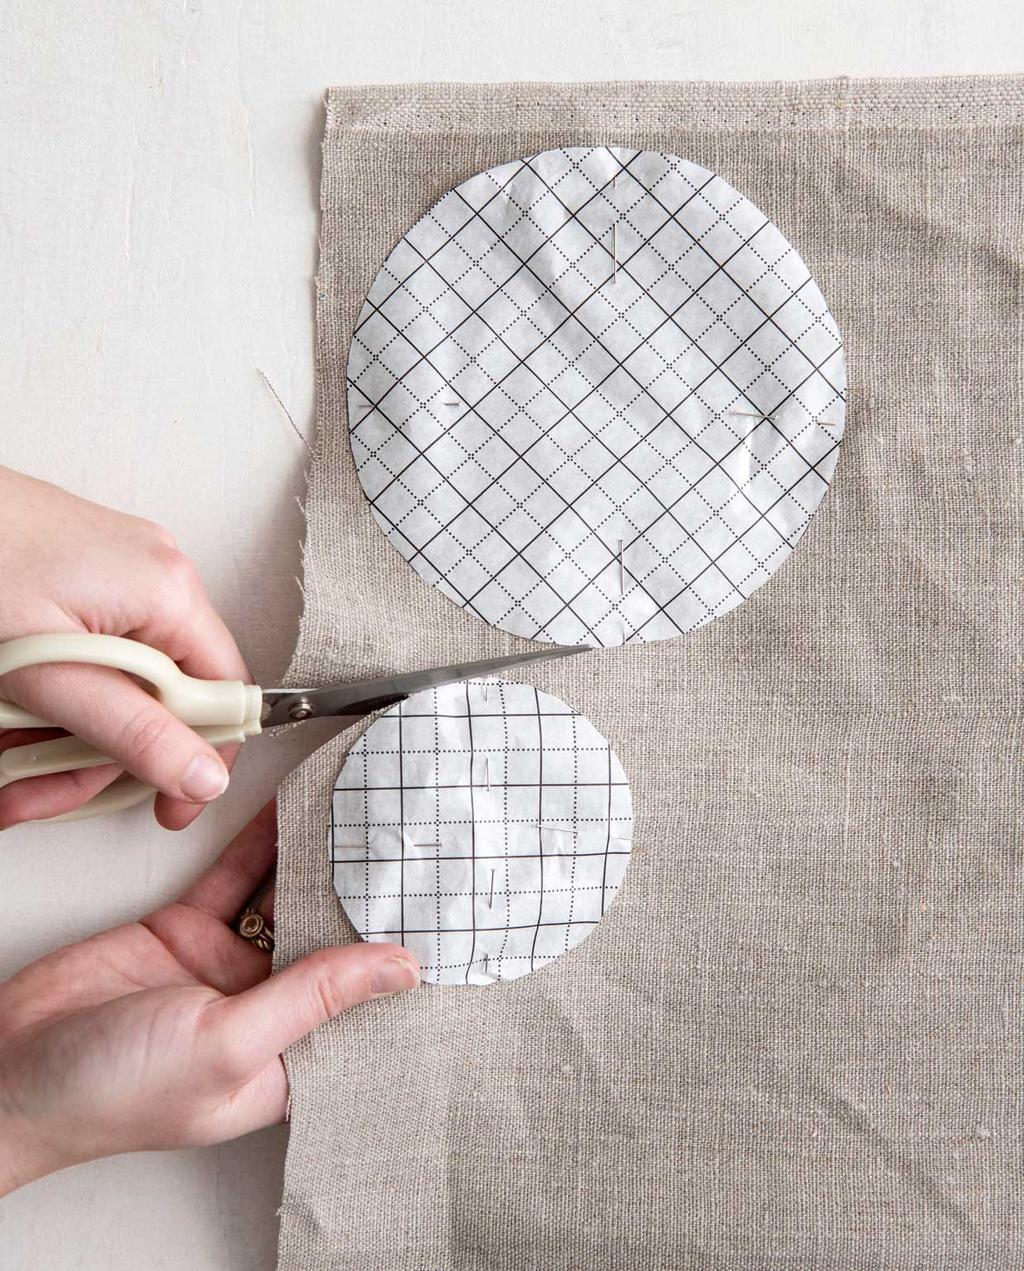 vtwonen 06-2020 | DIY tafelloper stukken knippen uit stof